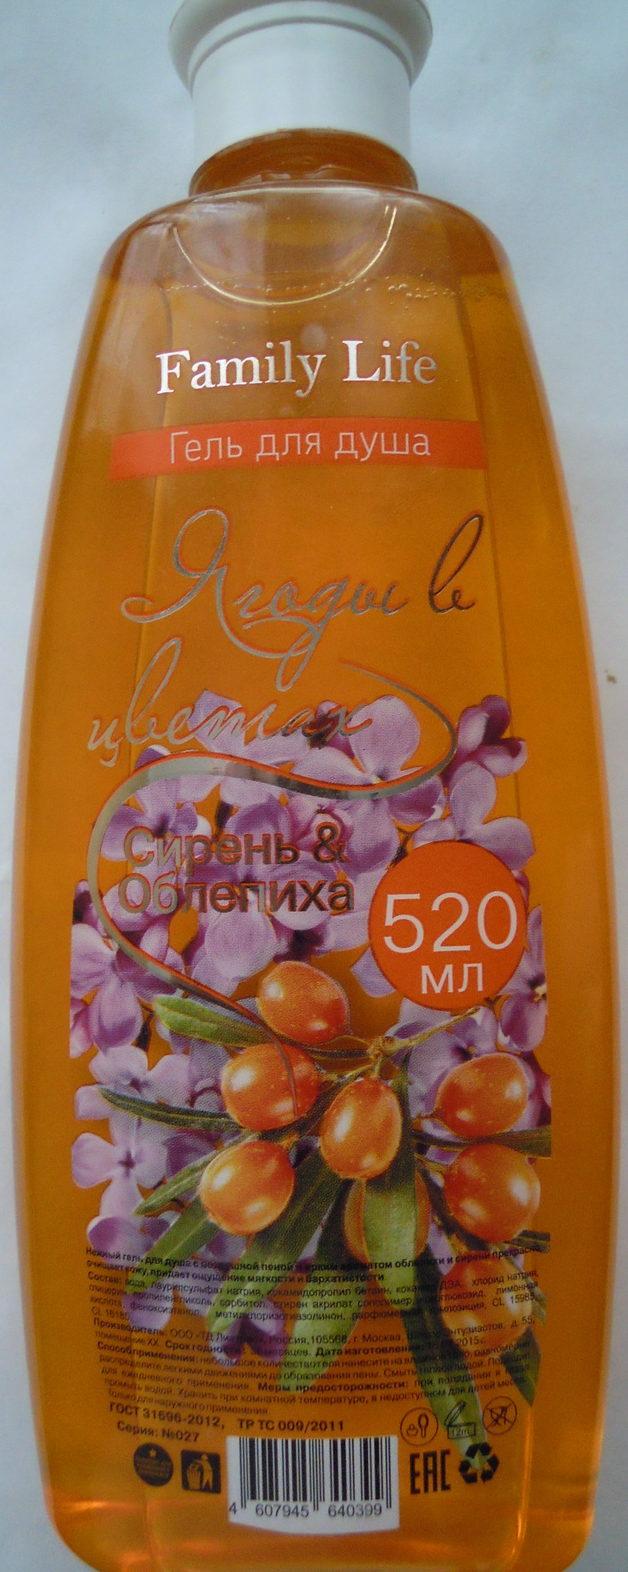 Ягоды в цветах Сирень & Облепиха - Produit - ru